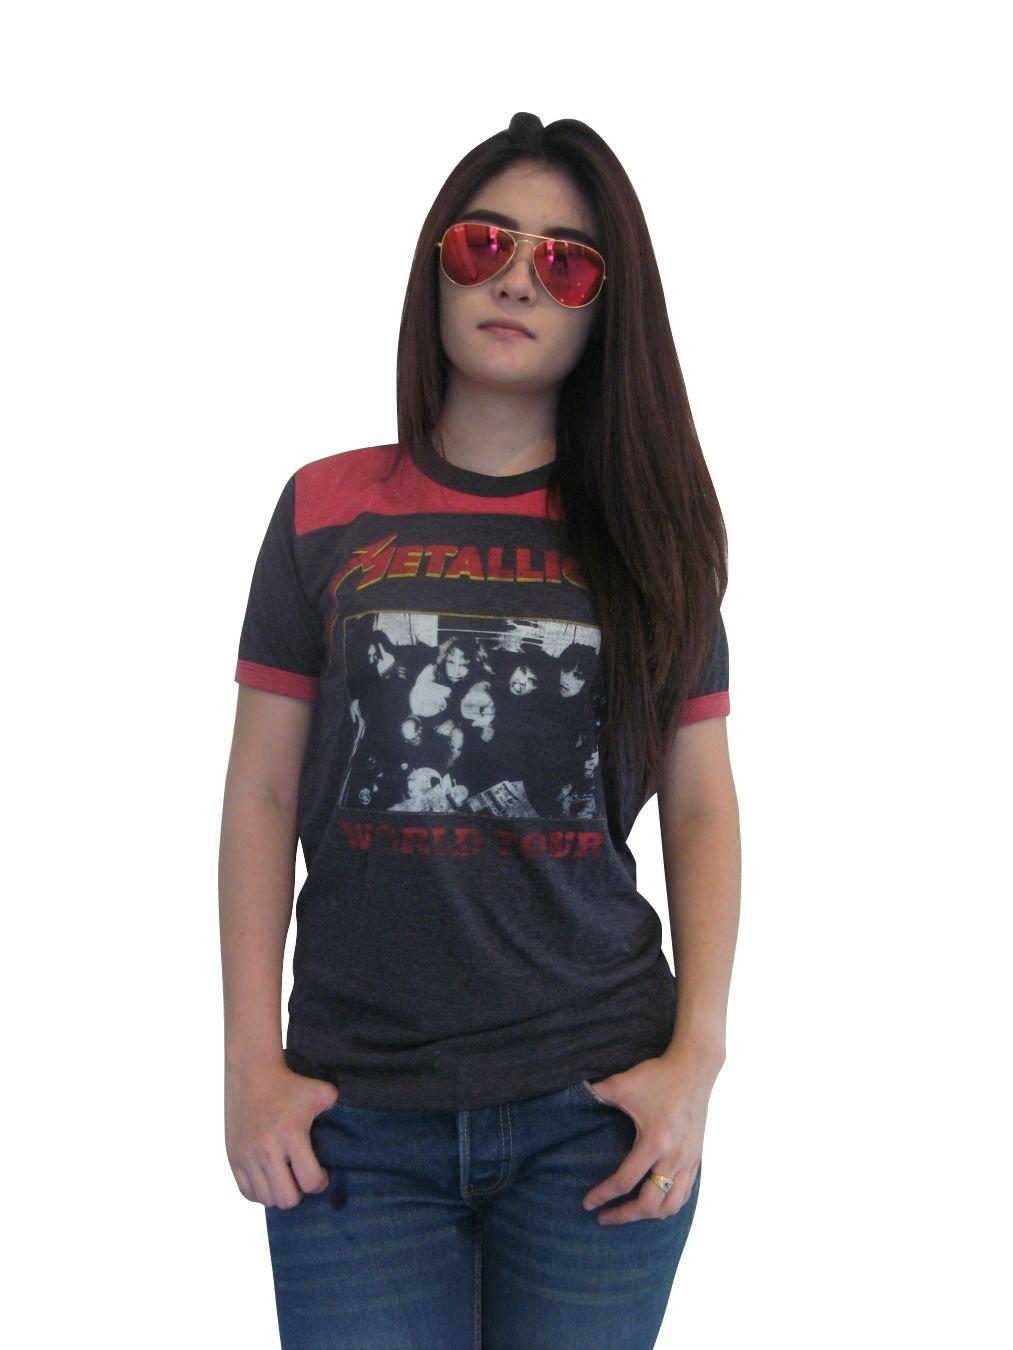 Bunny Brand Women's Metallica Concert World Tour Ringer T-Shirt Jersey Thin Soft (Small)